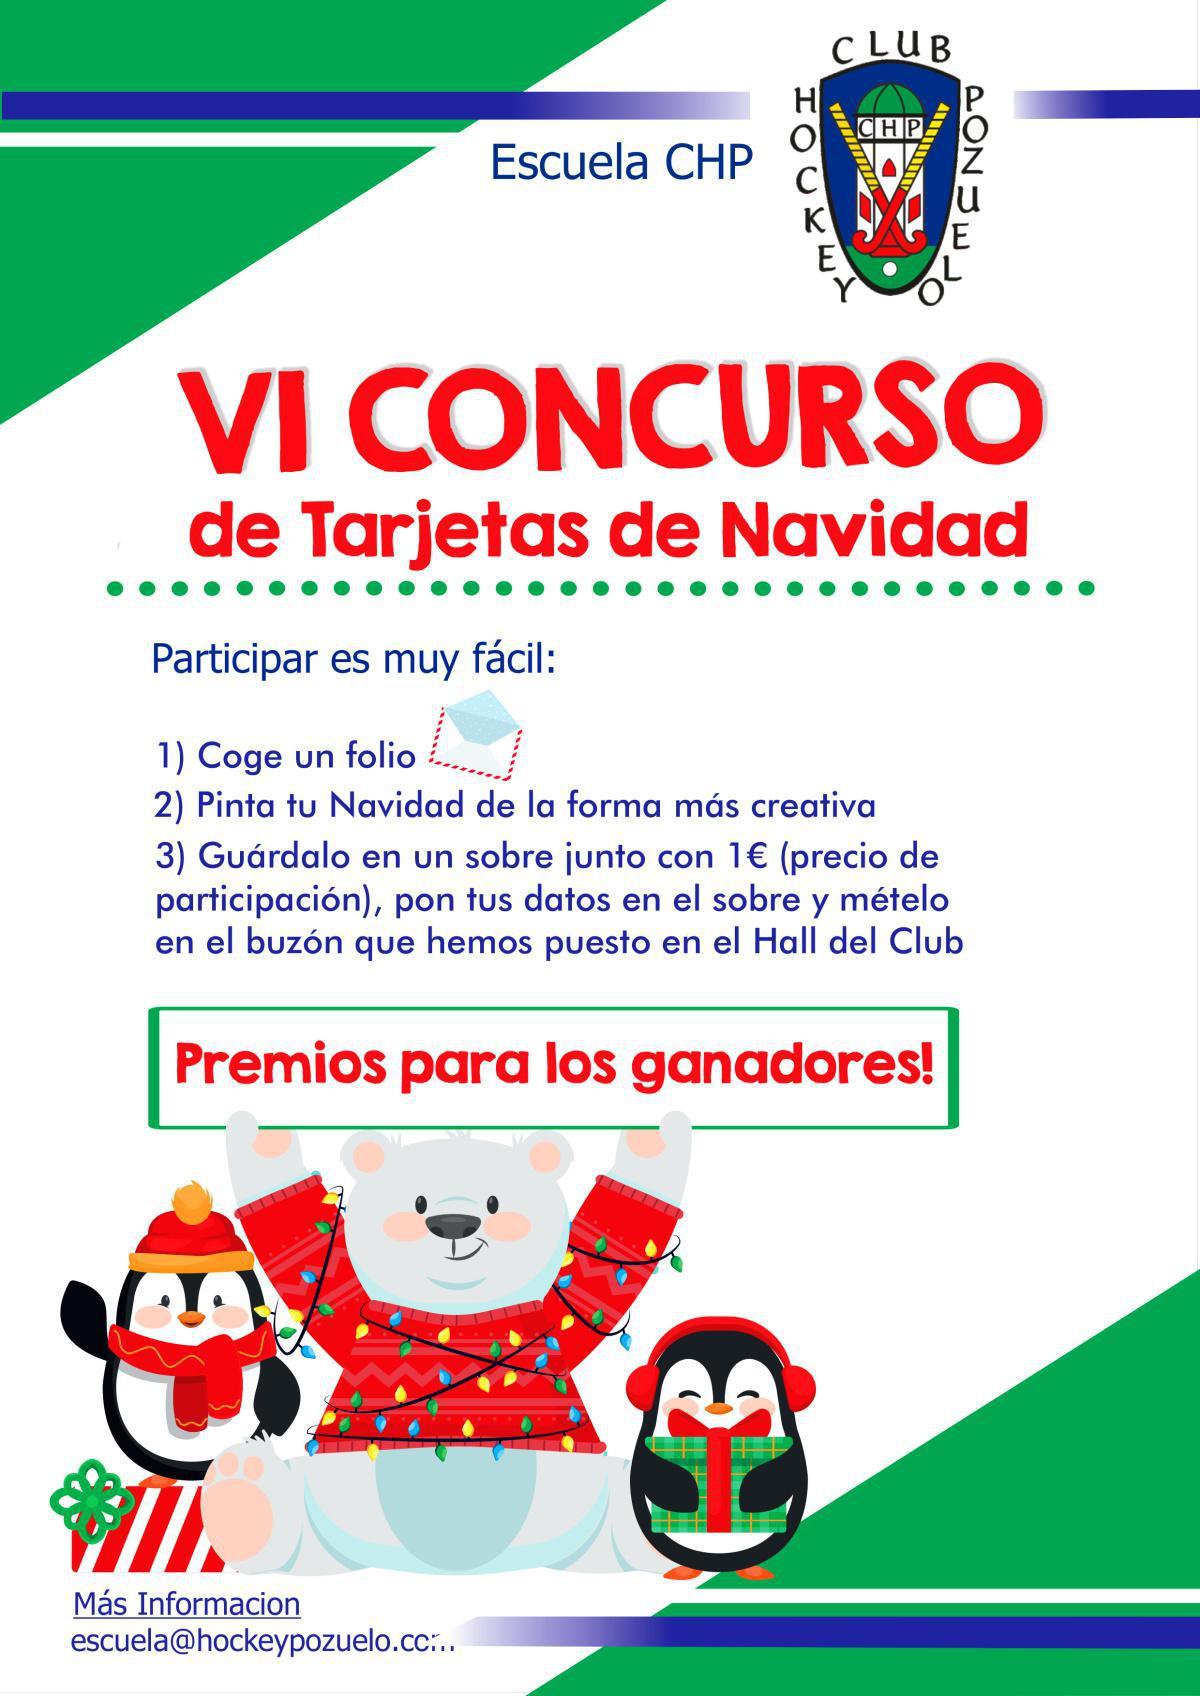 Concurso de Tarjetas de Navidad